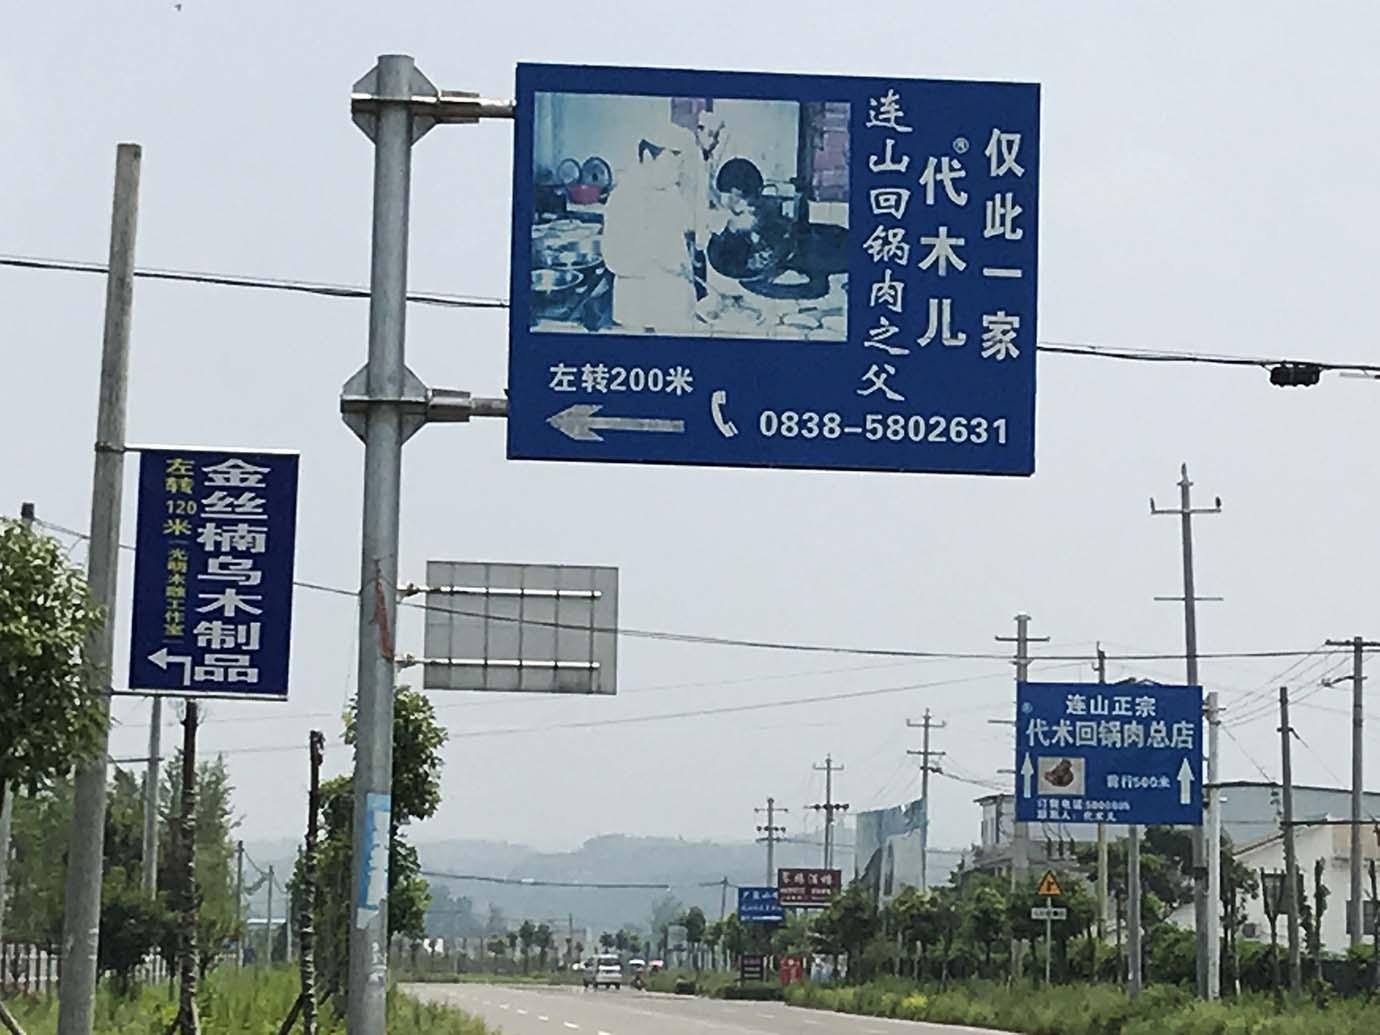 hoikoro-china9